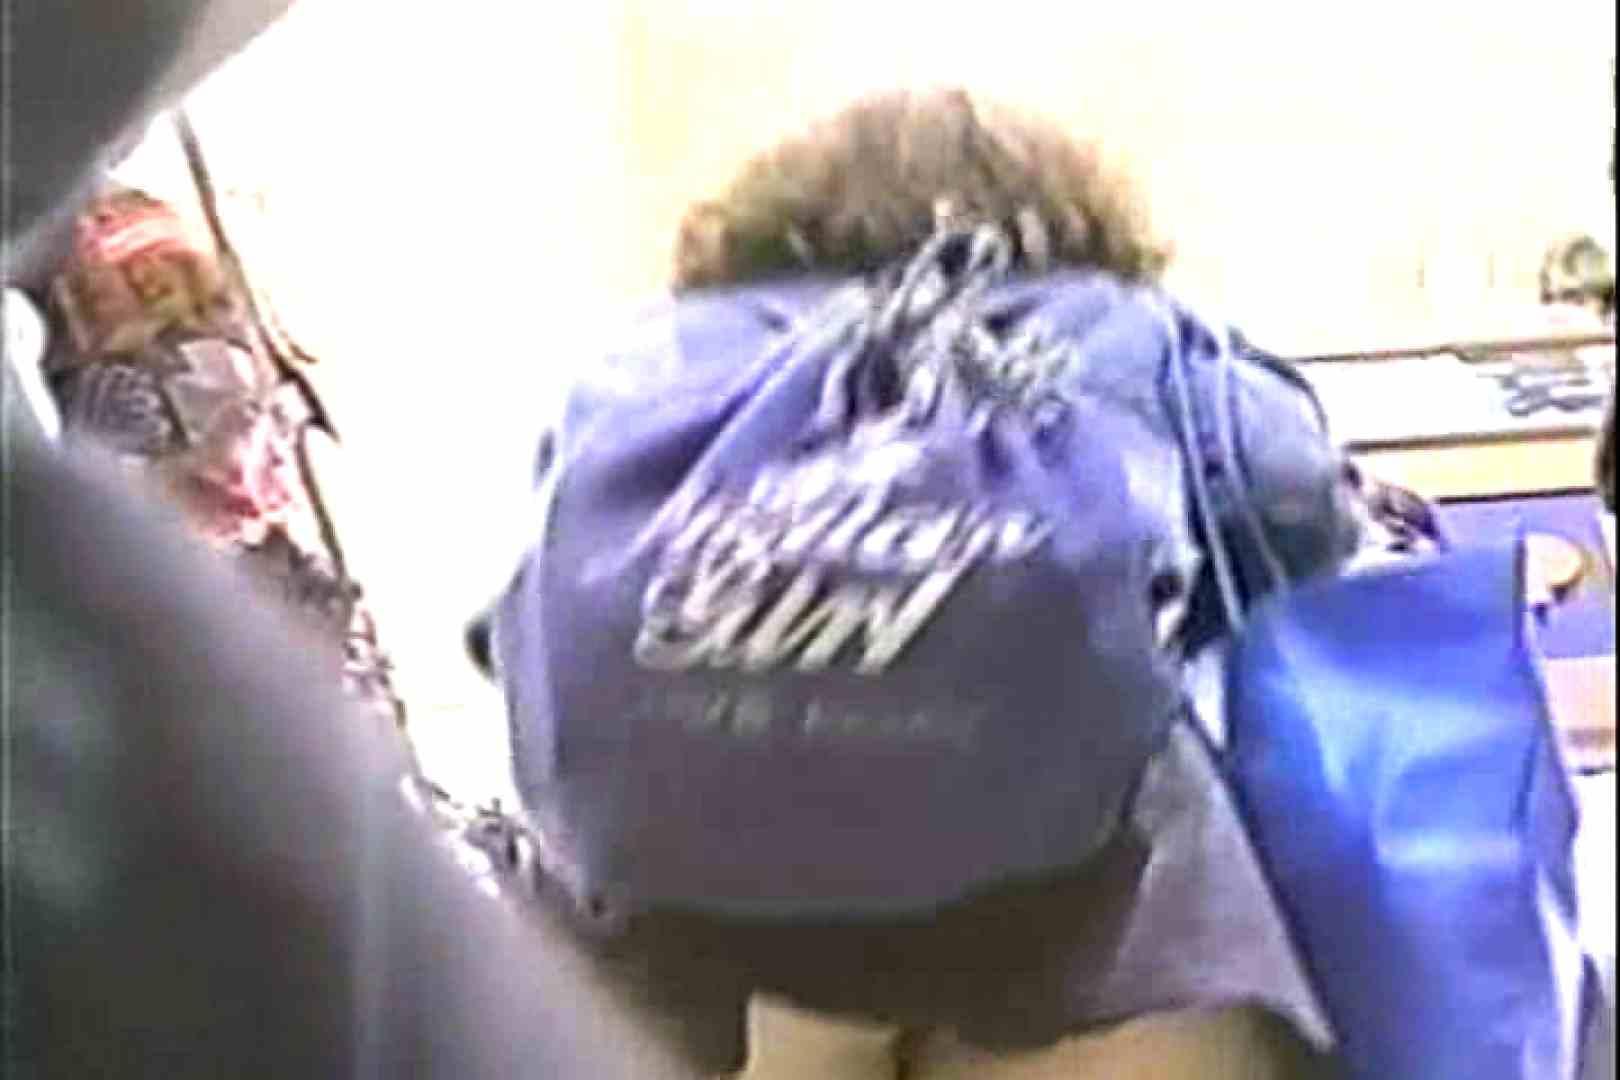 「ちくりん」さんのオリジナル未編集パンチラVol.3_02 テクニック セックス画像 46pic 24